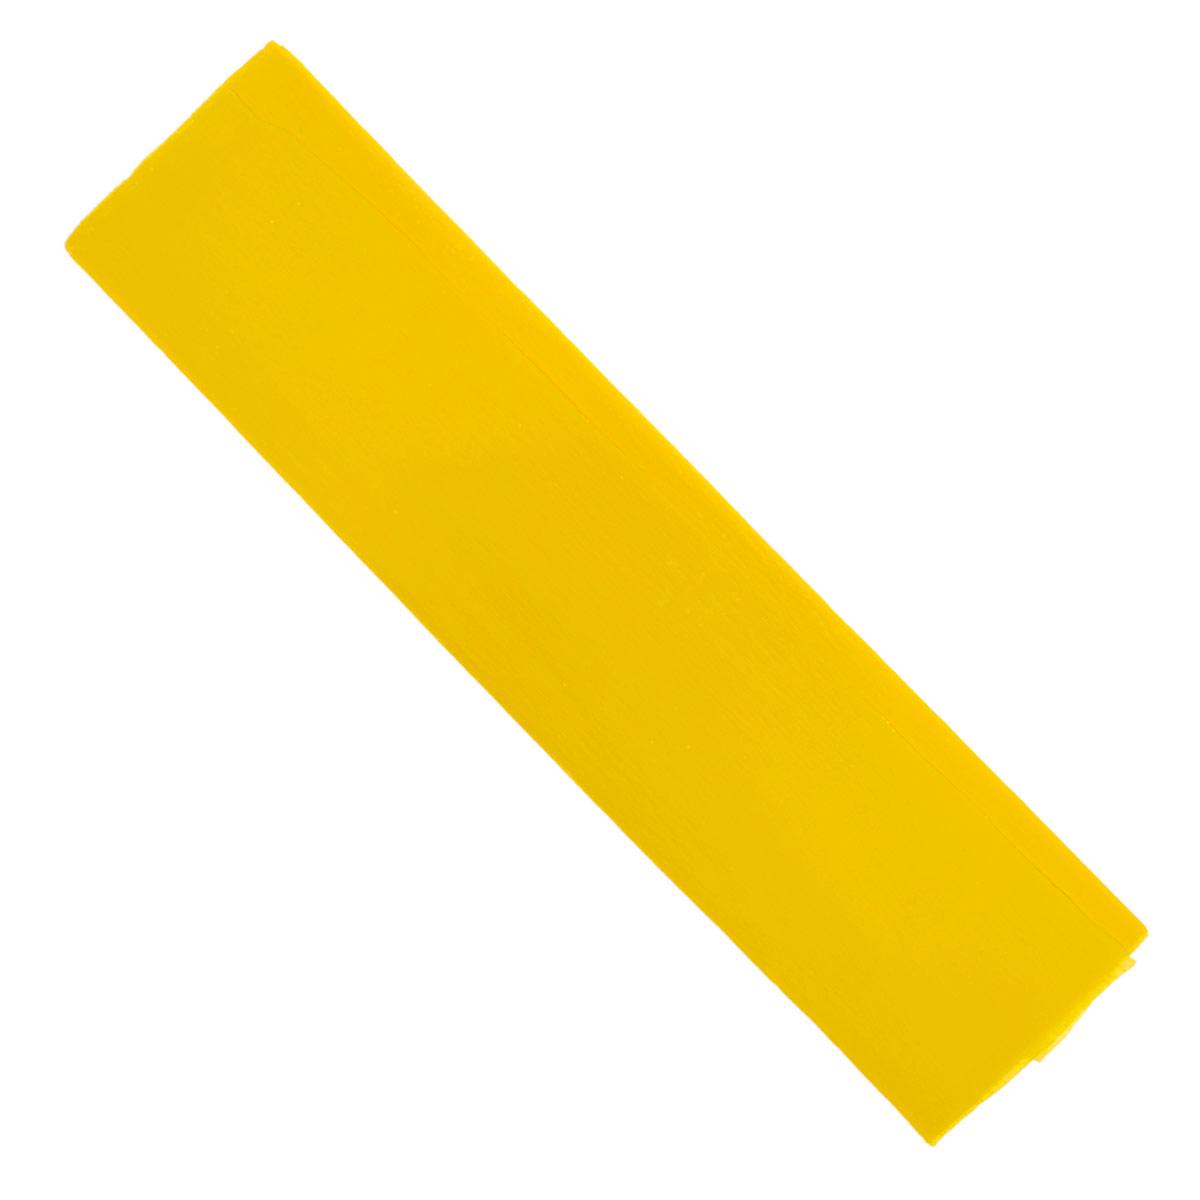 Крепированная бумага Hatber, флюоресцентная, цвет: желтый, 5 см х 25 смБк2ф_00016Цветная флюоресцентная бумага Hatber - отличный вариант для развития творчества вашего ребенка. Бумага с фактурным покрытием очень гибкая и мягкая, из нее можно создавать чудесные аппликации, игрушки, подарки и объемные поделки. Цветная флюоресцентная бумага Hatber способствует развитию фантазии, цветовосприятия и мелкой моторики рук. Размер бумаги - 5 см х 25 см.